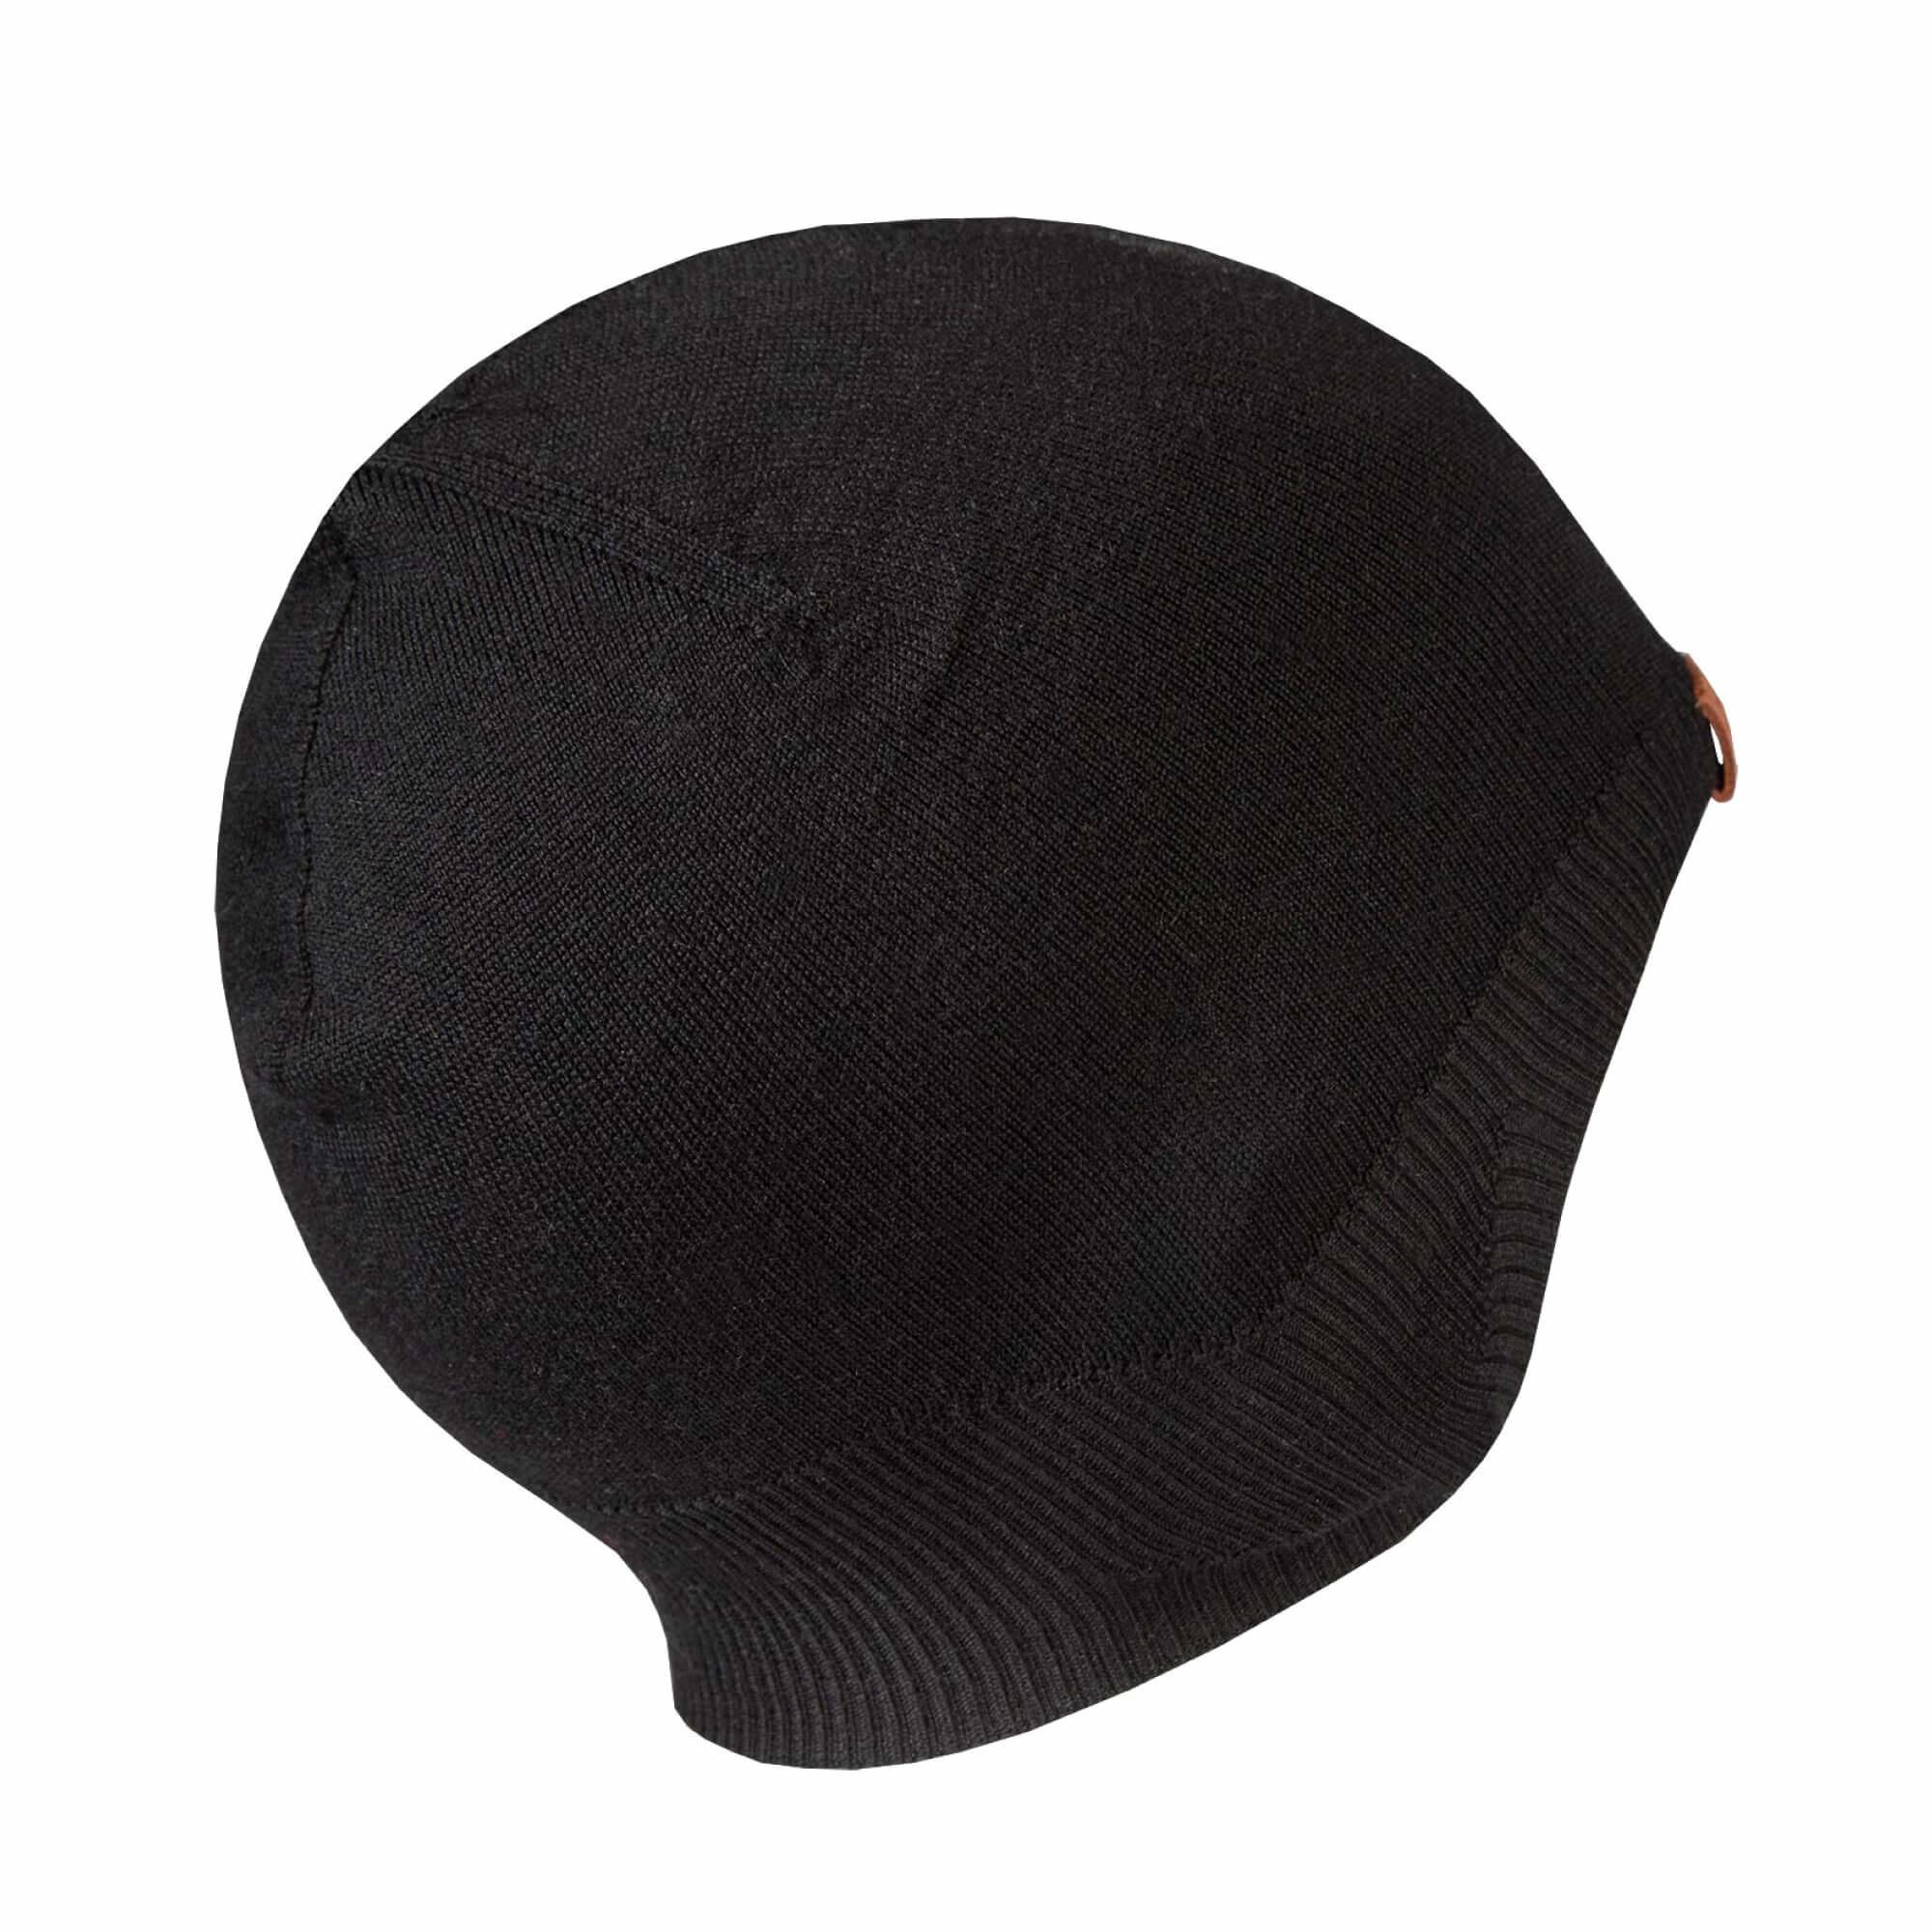 BaaBaa Merino Skullcap II Black-2